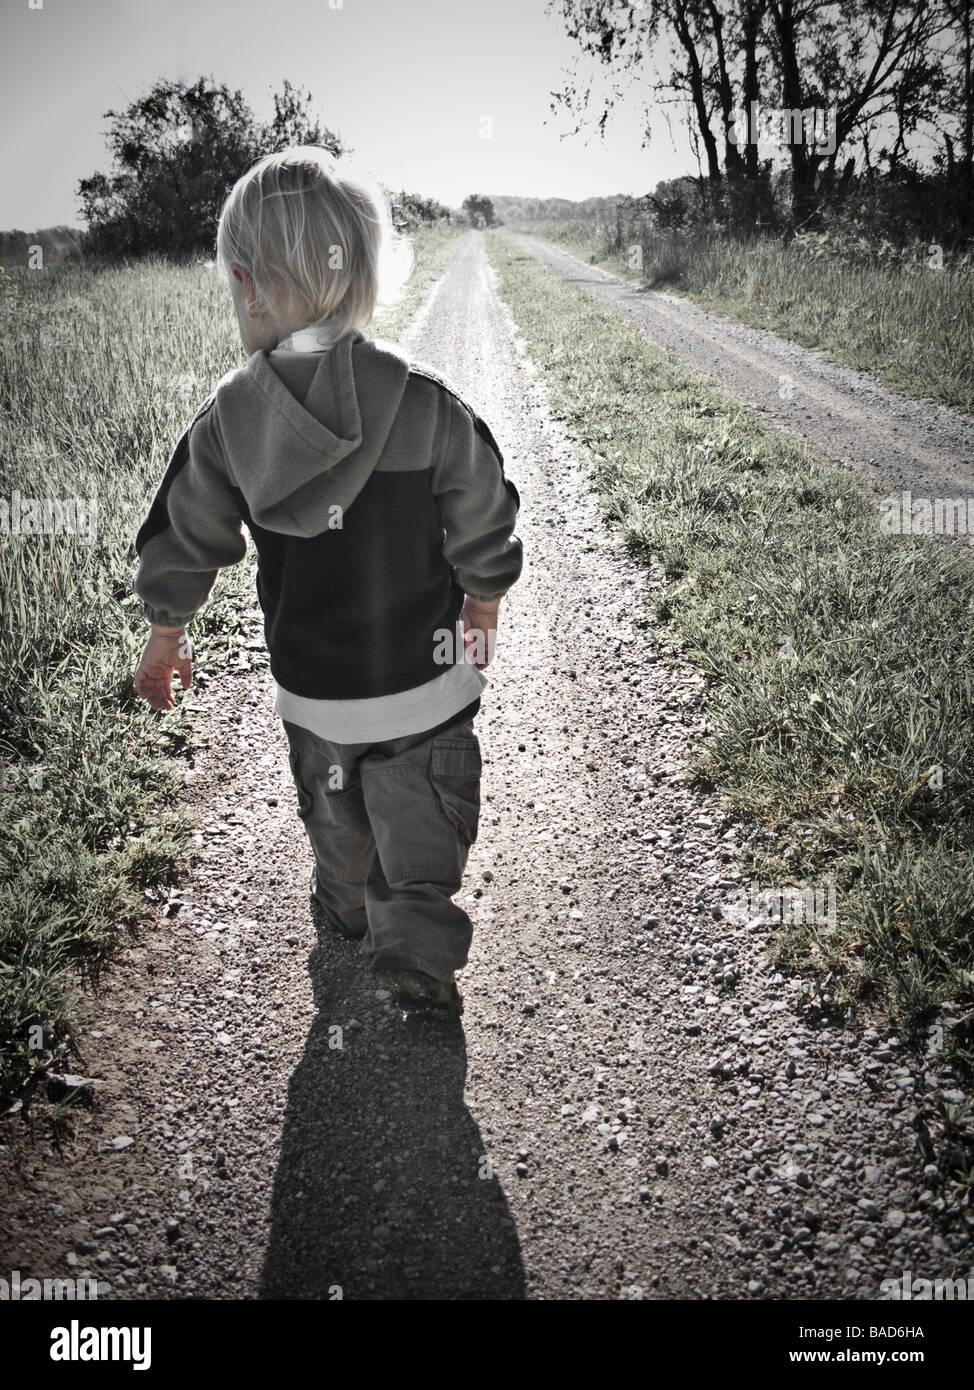 Tout-petit marche le long d'une route de gravier Photo Stock